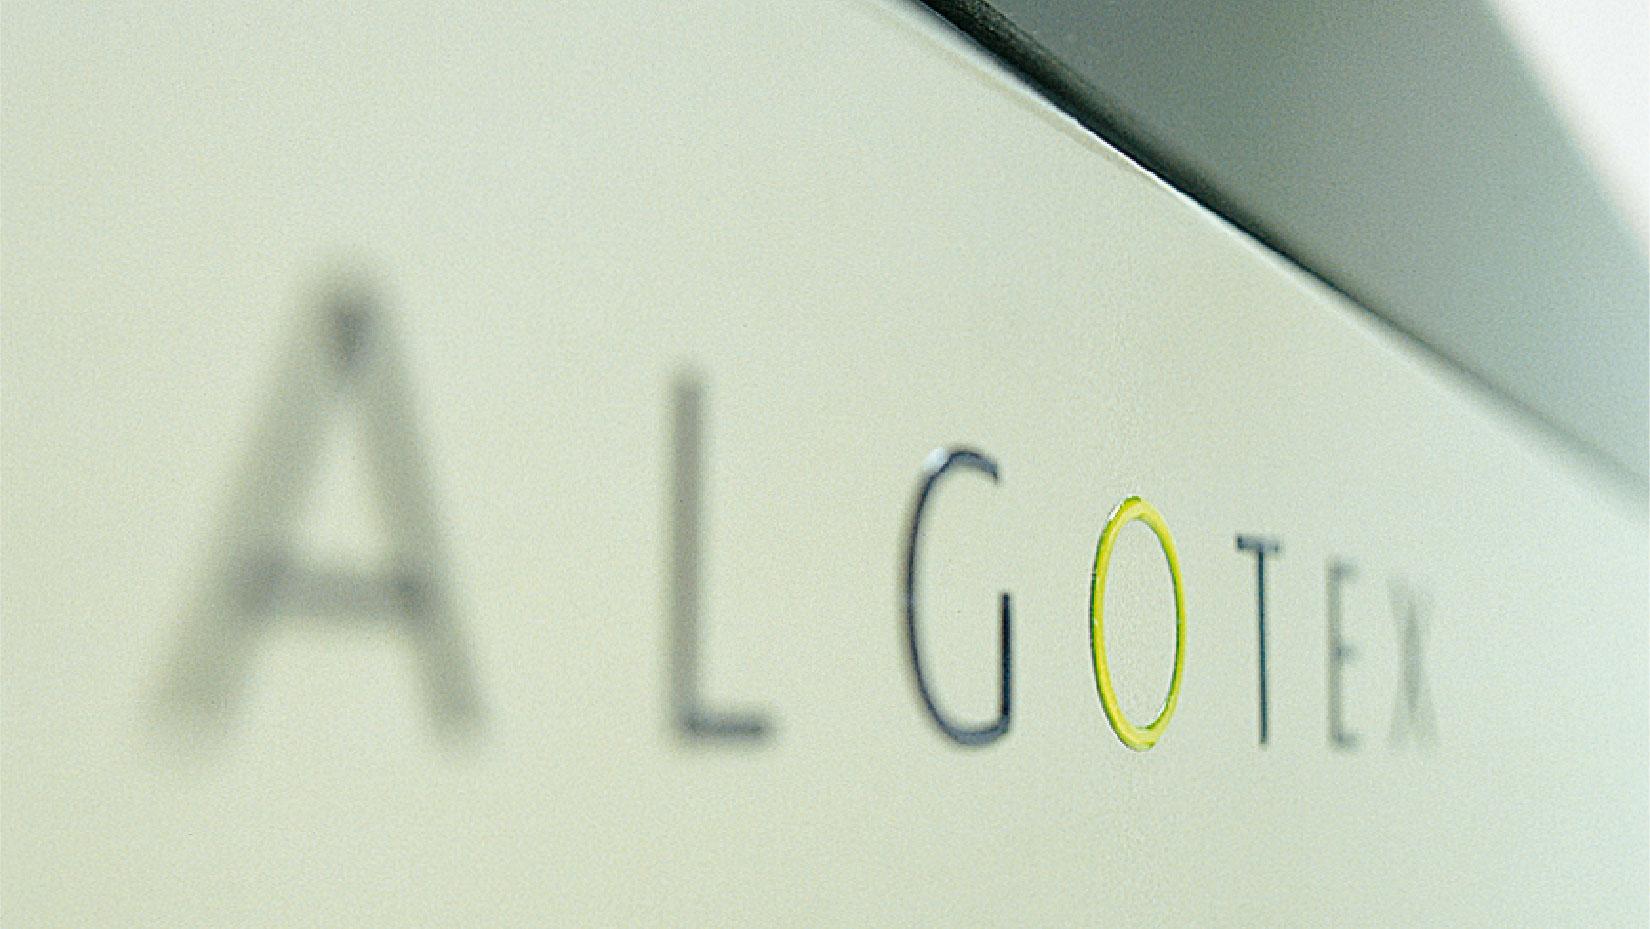 Логотип Algotex, разработанный в 2000 году